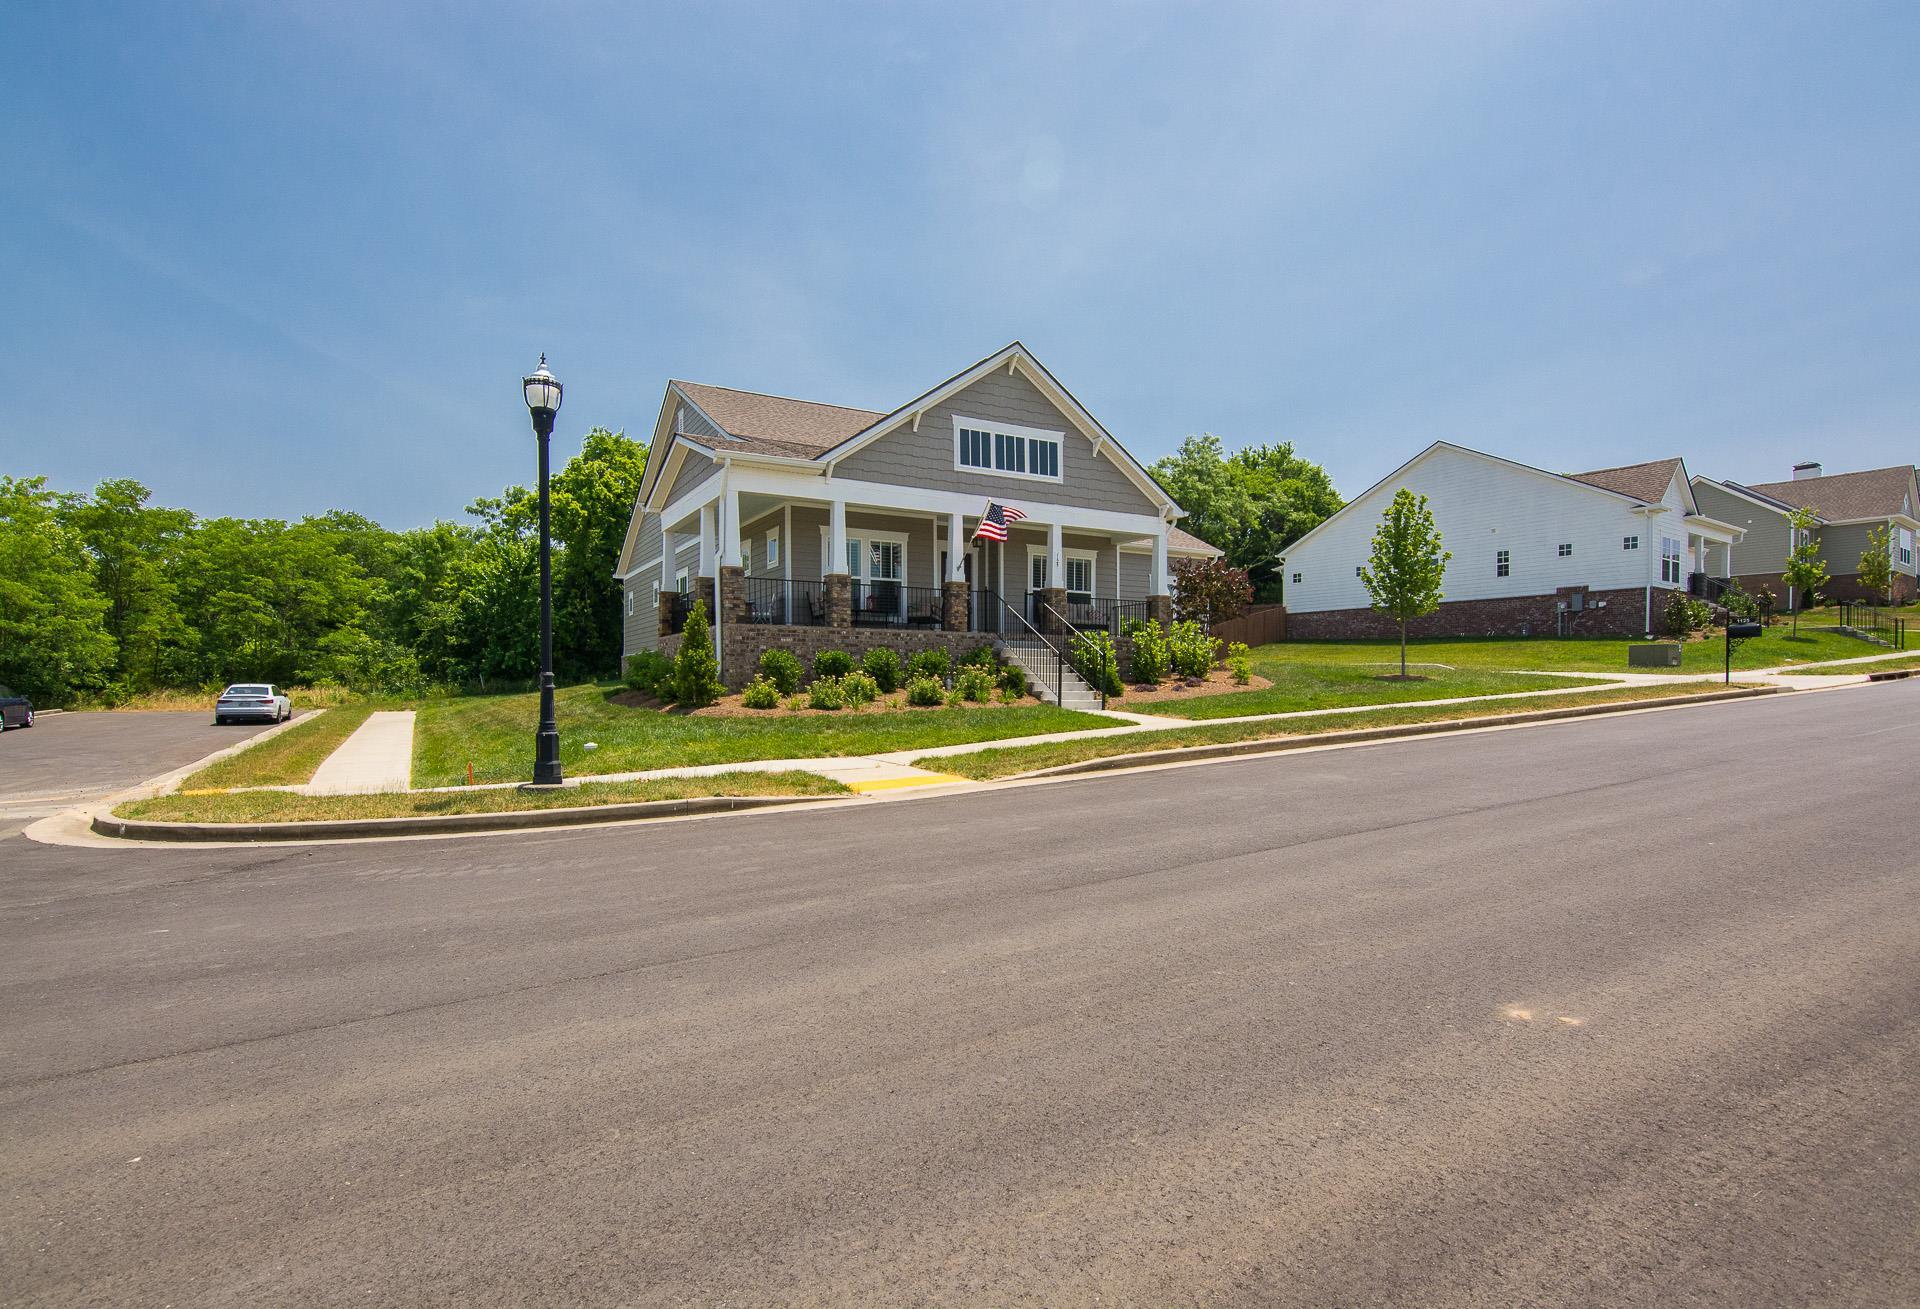 1125 Princeton Hills Dr, Nolensville, TN 37135 - Nolensville, TN real estate listing